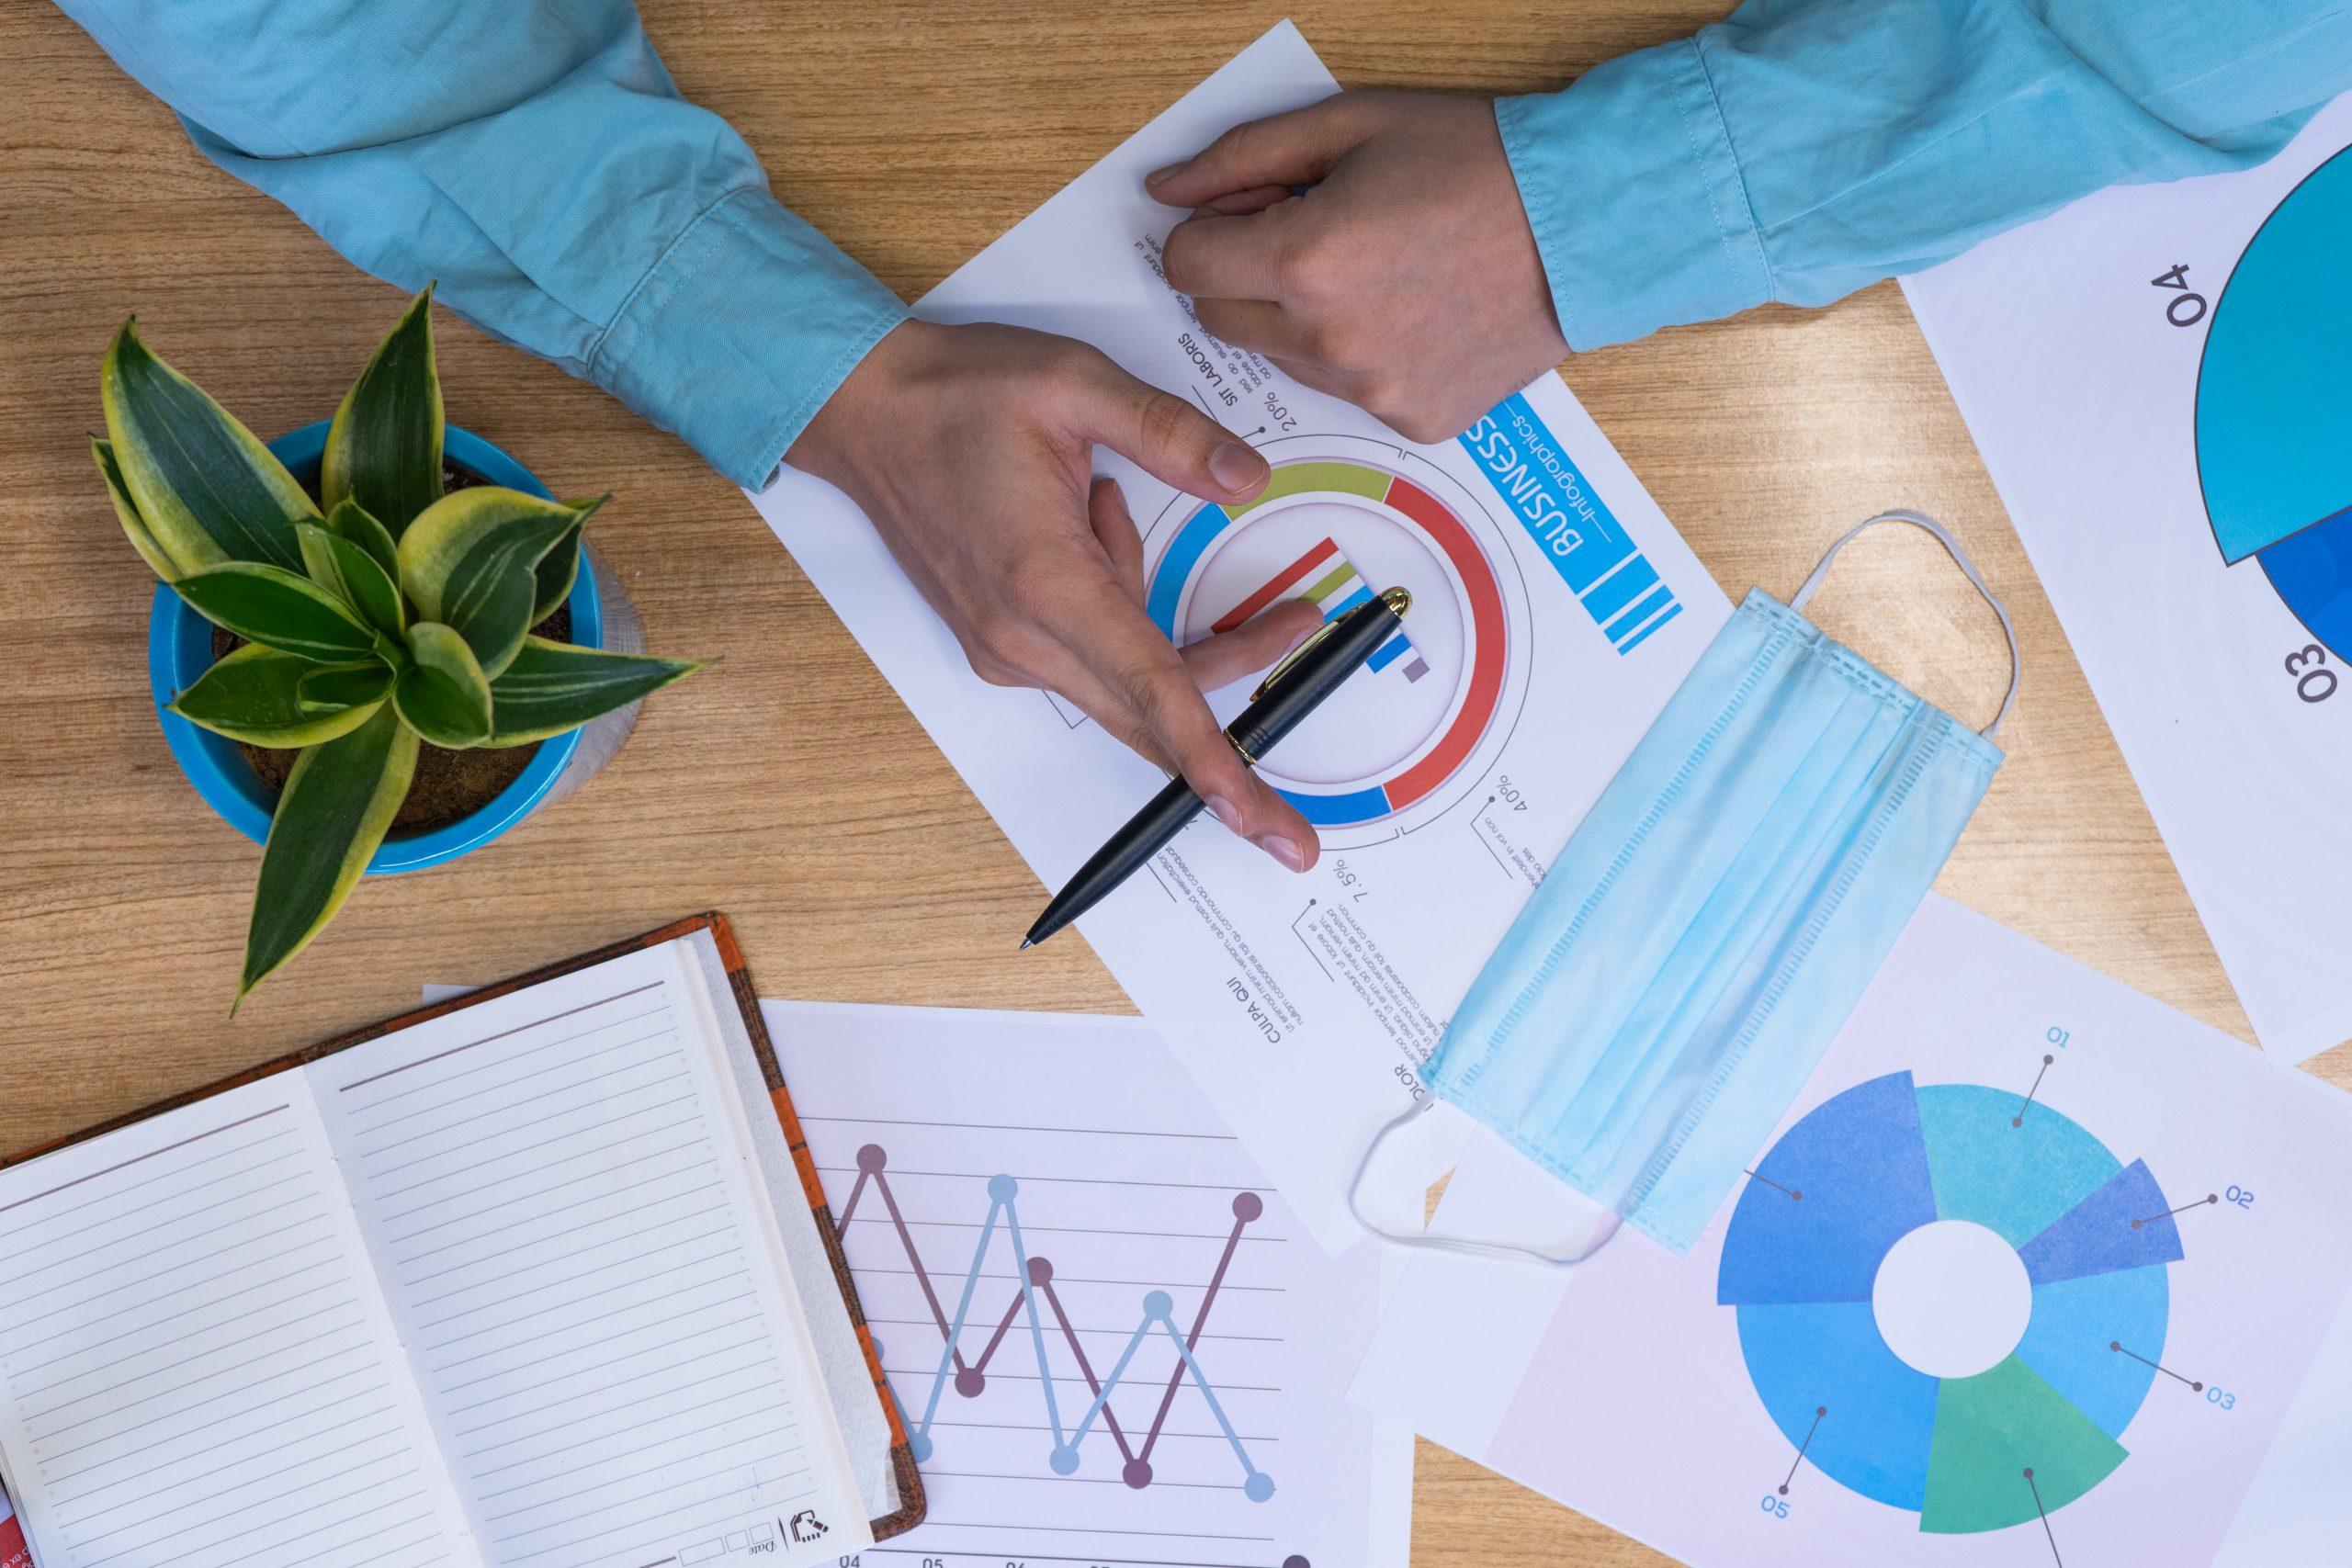 analyzing reports